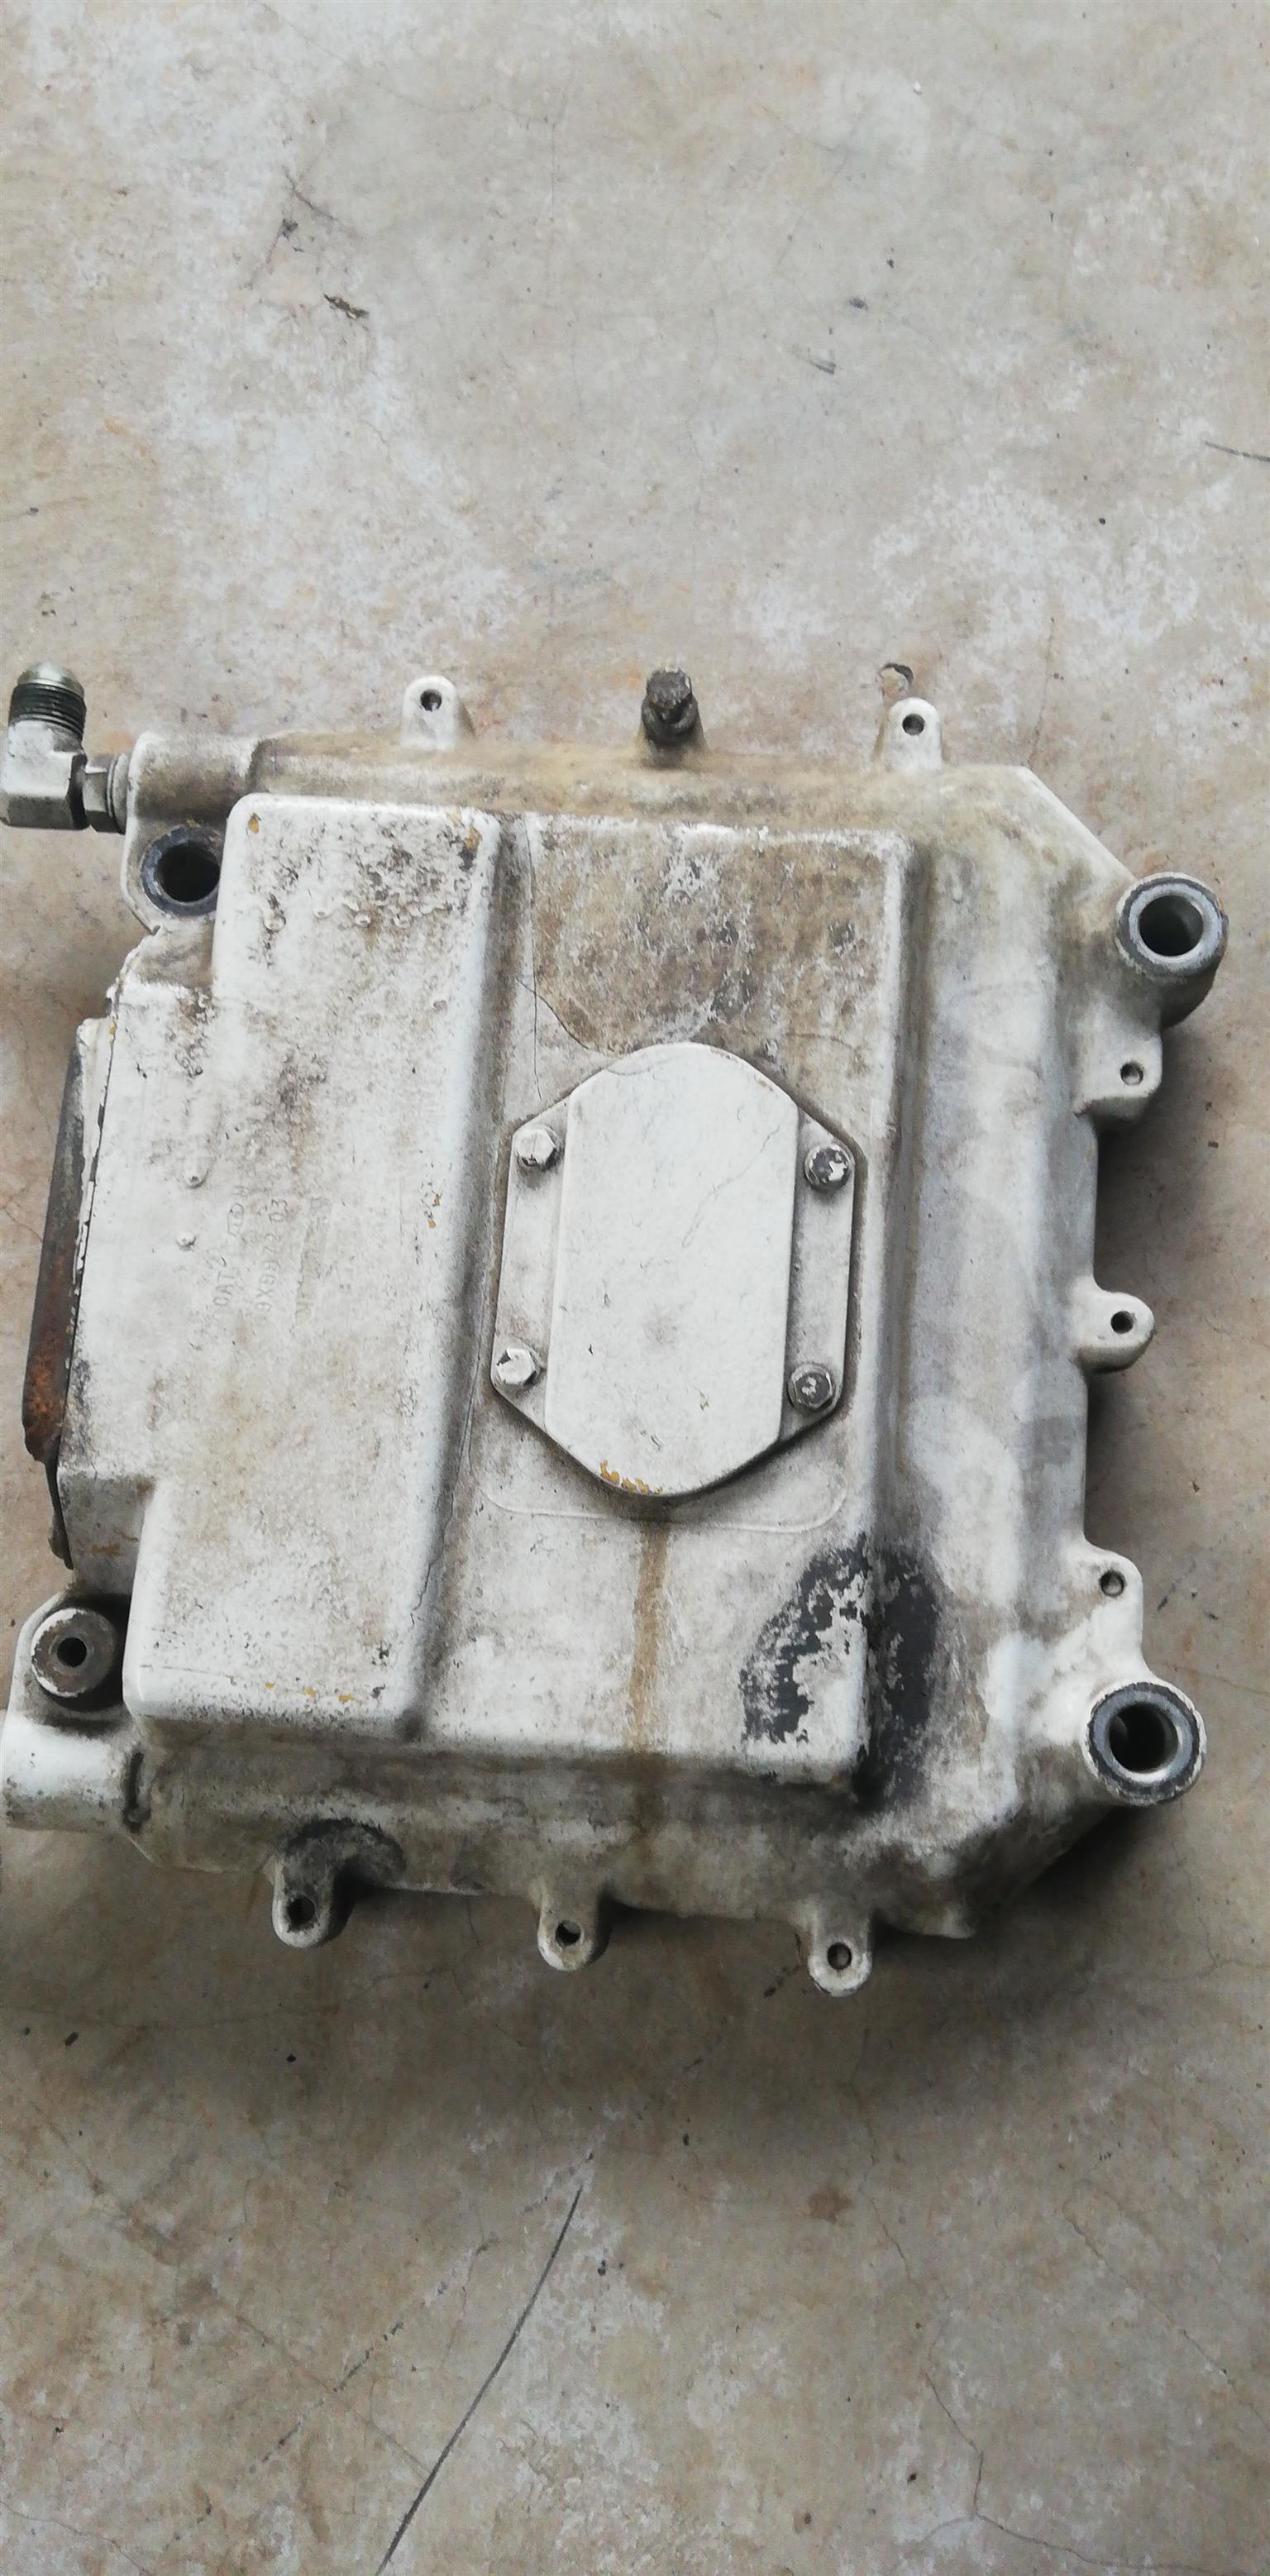 3508 engine ecm